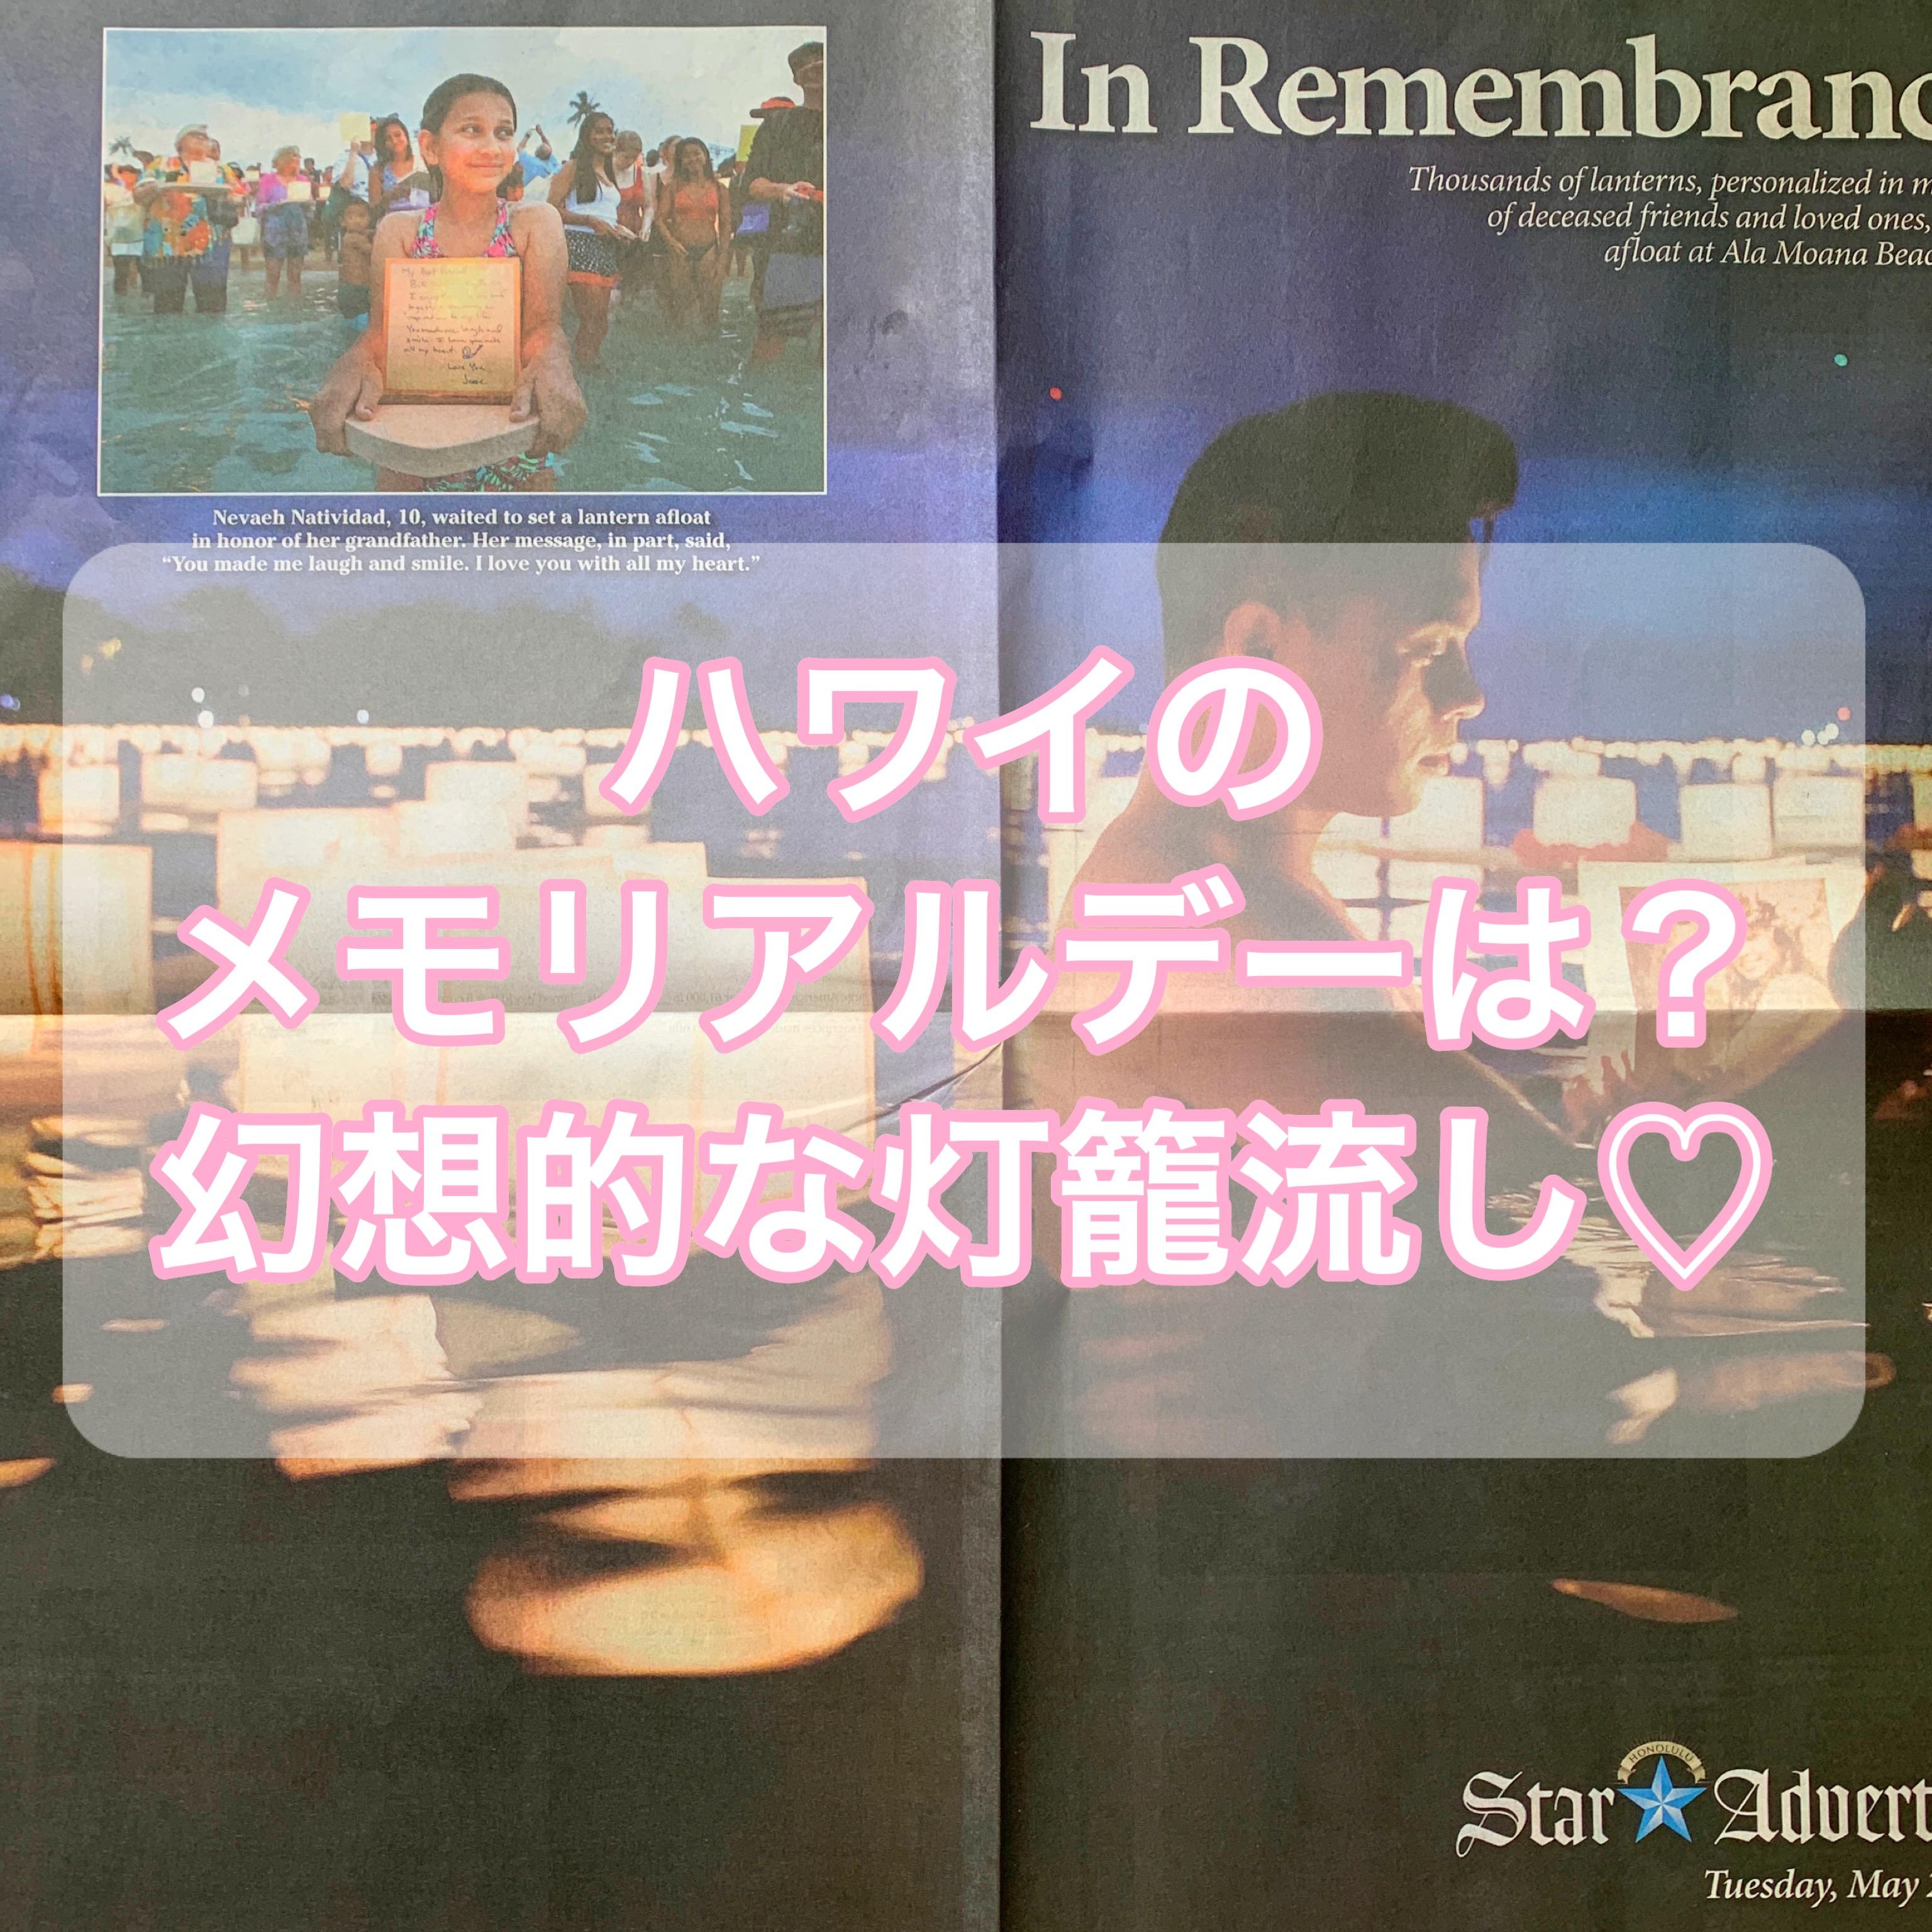 【ハワイイベント】アメリカのメモリアルデー アラモアナビーチで幻想的な灯籠流し